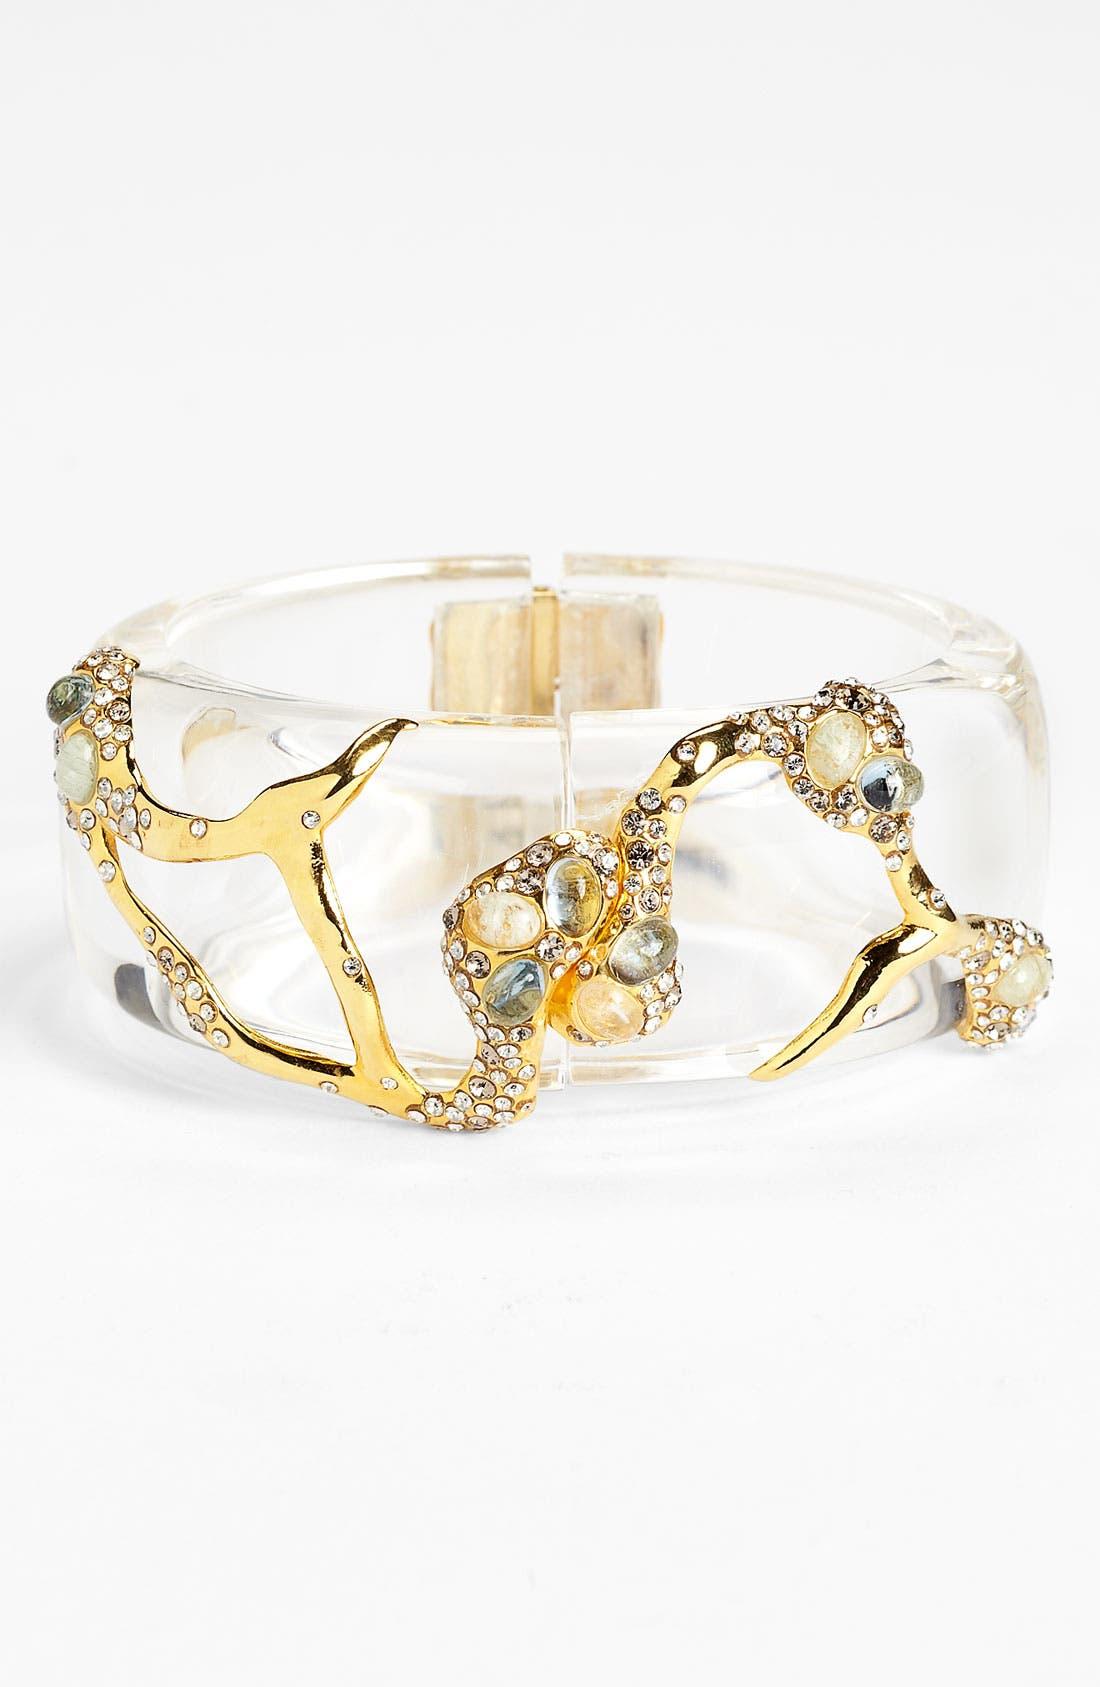 Alternate Image 1 Selected - Alexis Bittar 'Modernist - Embraced' Hinged Bracelet